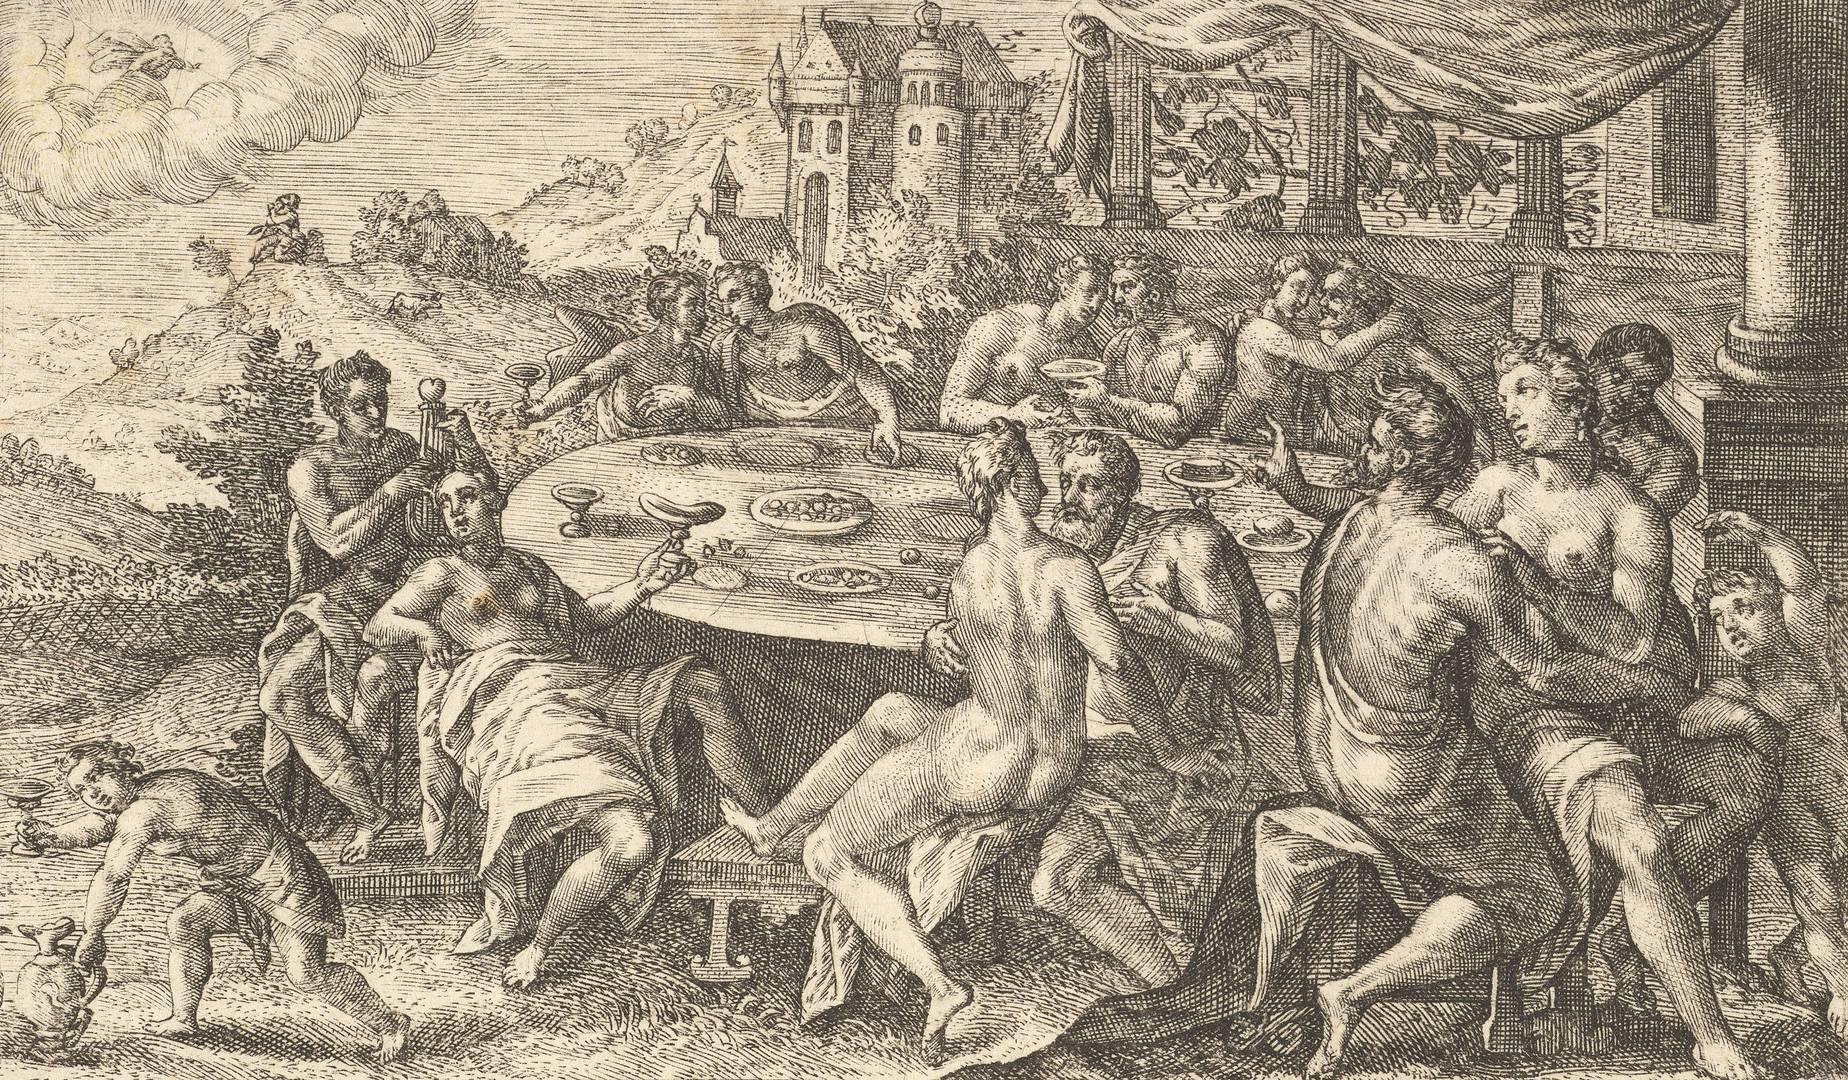 Криспин ван де Пасс Старший. Люди предаются распутству перед потопом. 1612